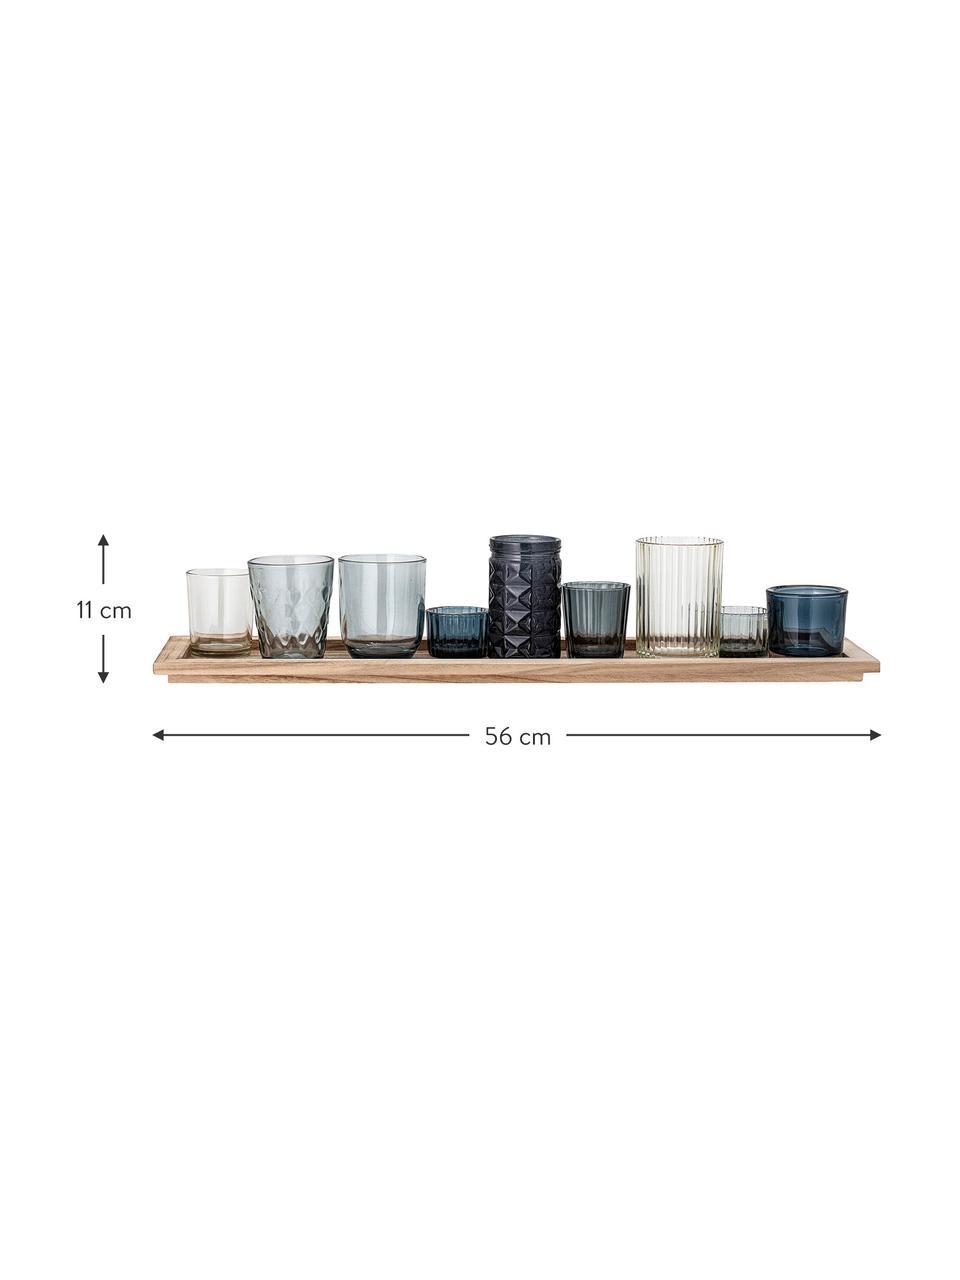 Komplet świeczników ze szkła Elviena, 10 elem., Niebieski, transparentny, S 56 x W 11 cm